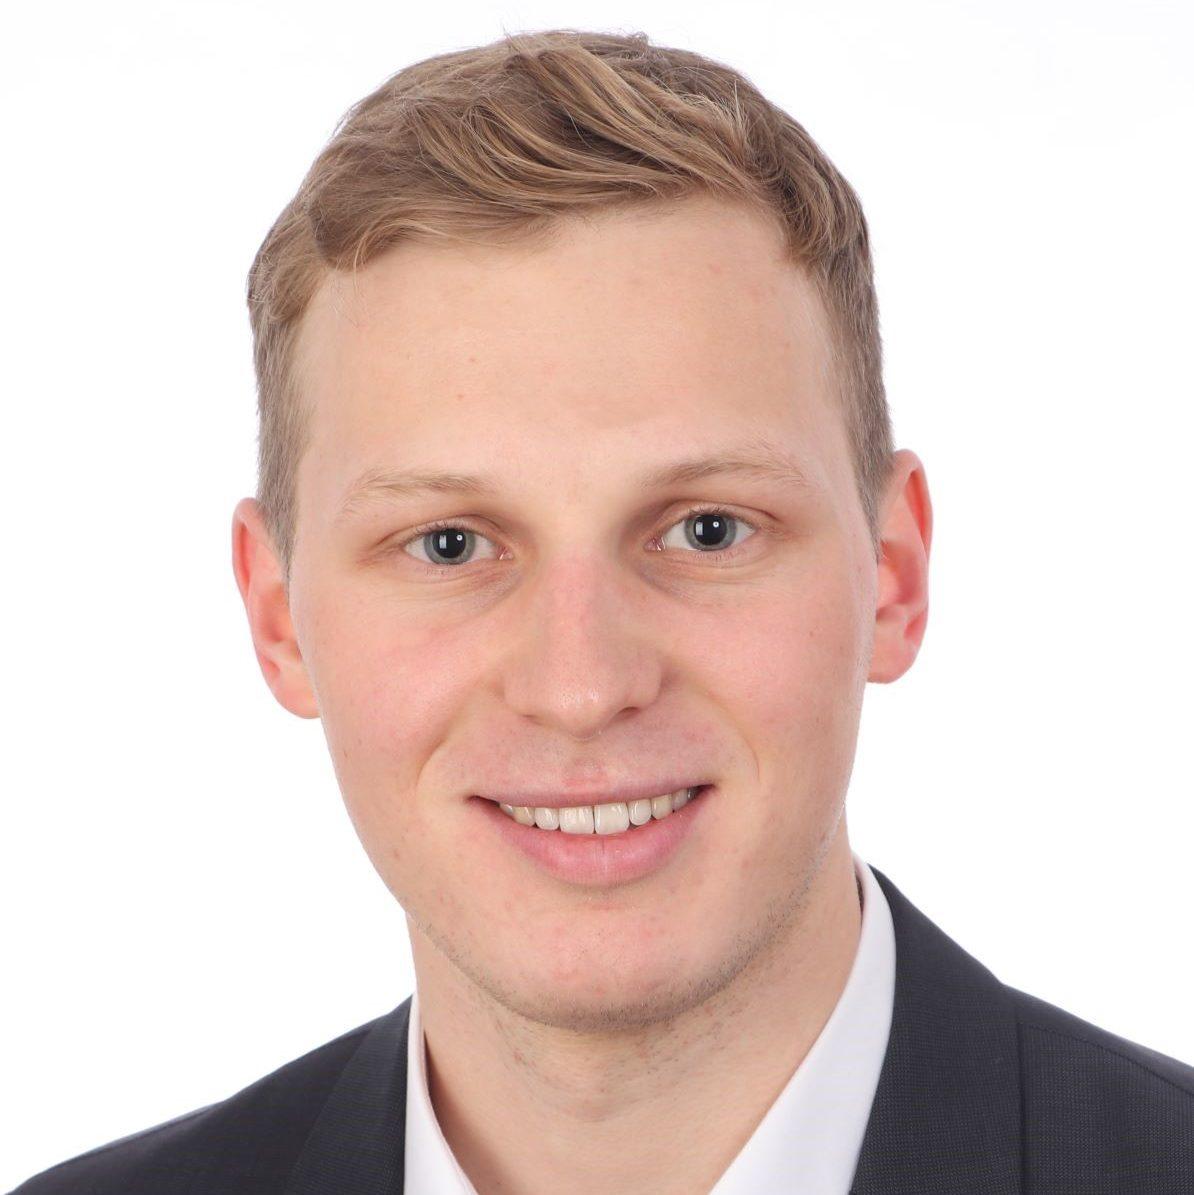 Jannik Werner